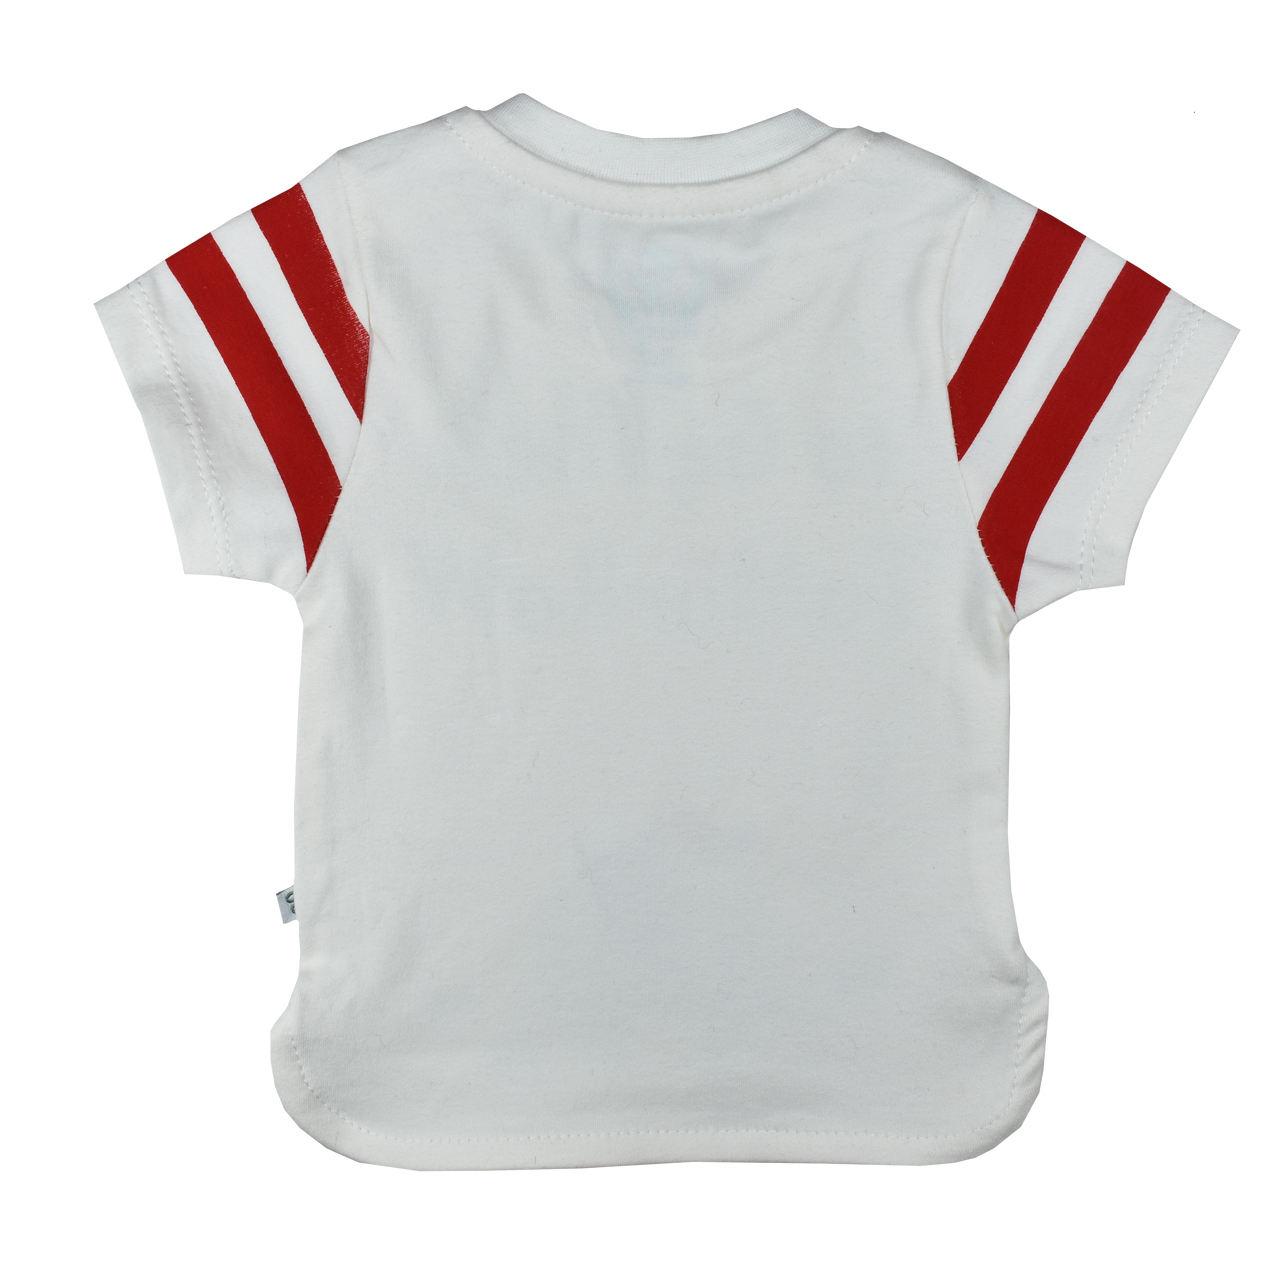 ست تیشرت و شلوارک نوزادی پوشیران کد 5511 -  - 3